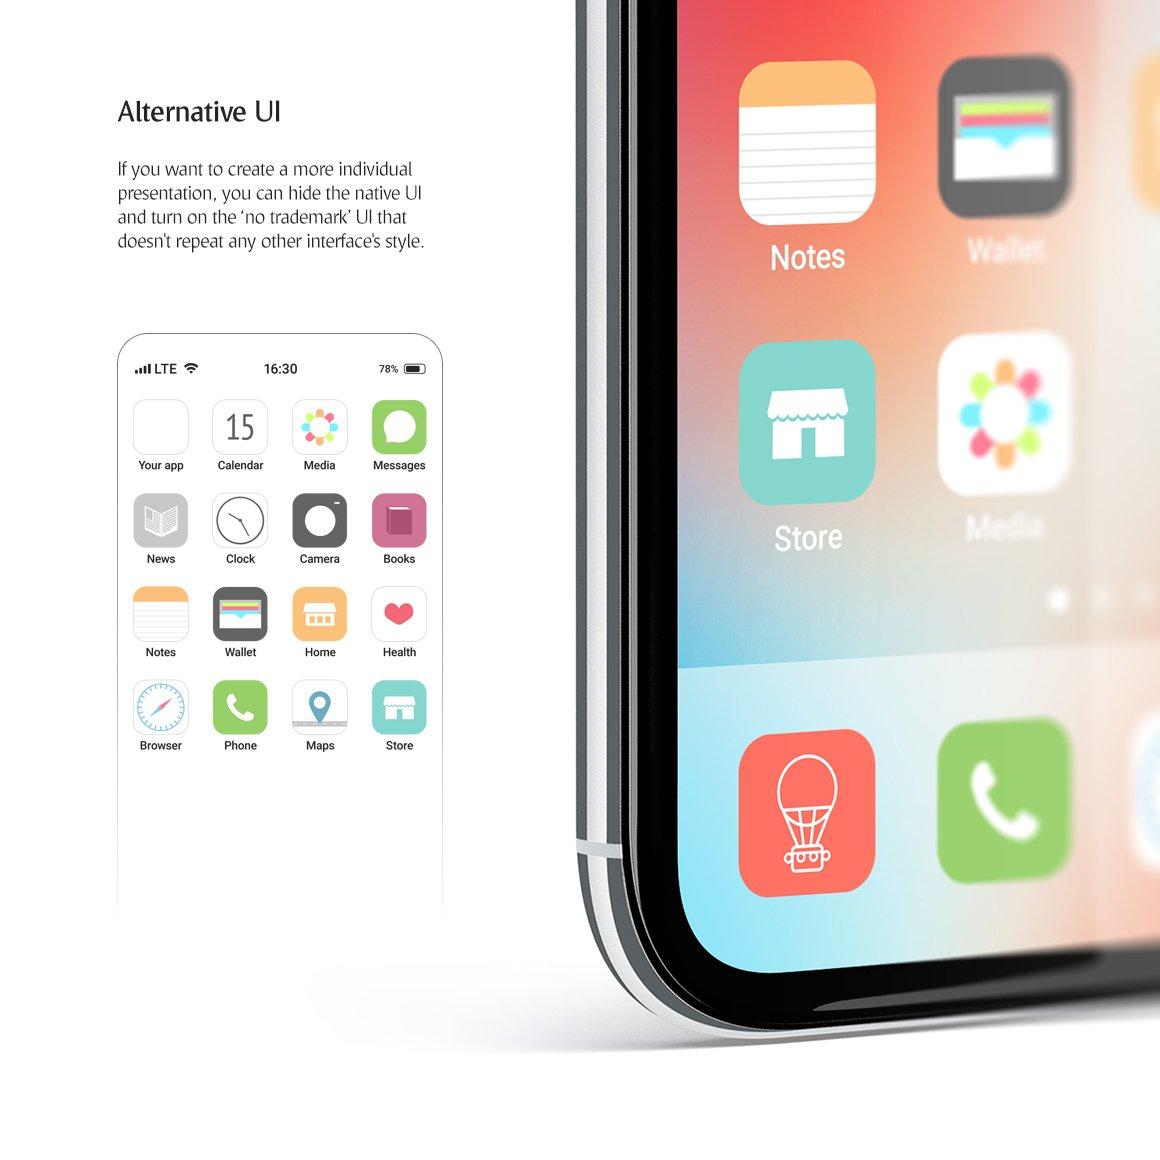 APP应用界面设计手机屏幕演示样机 Phone App Mockups Set插图(4)